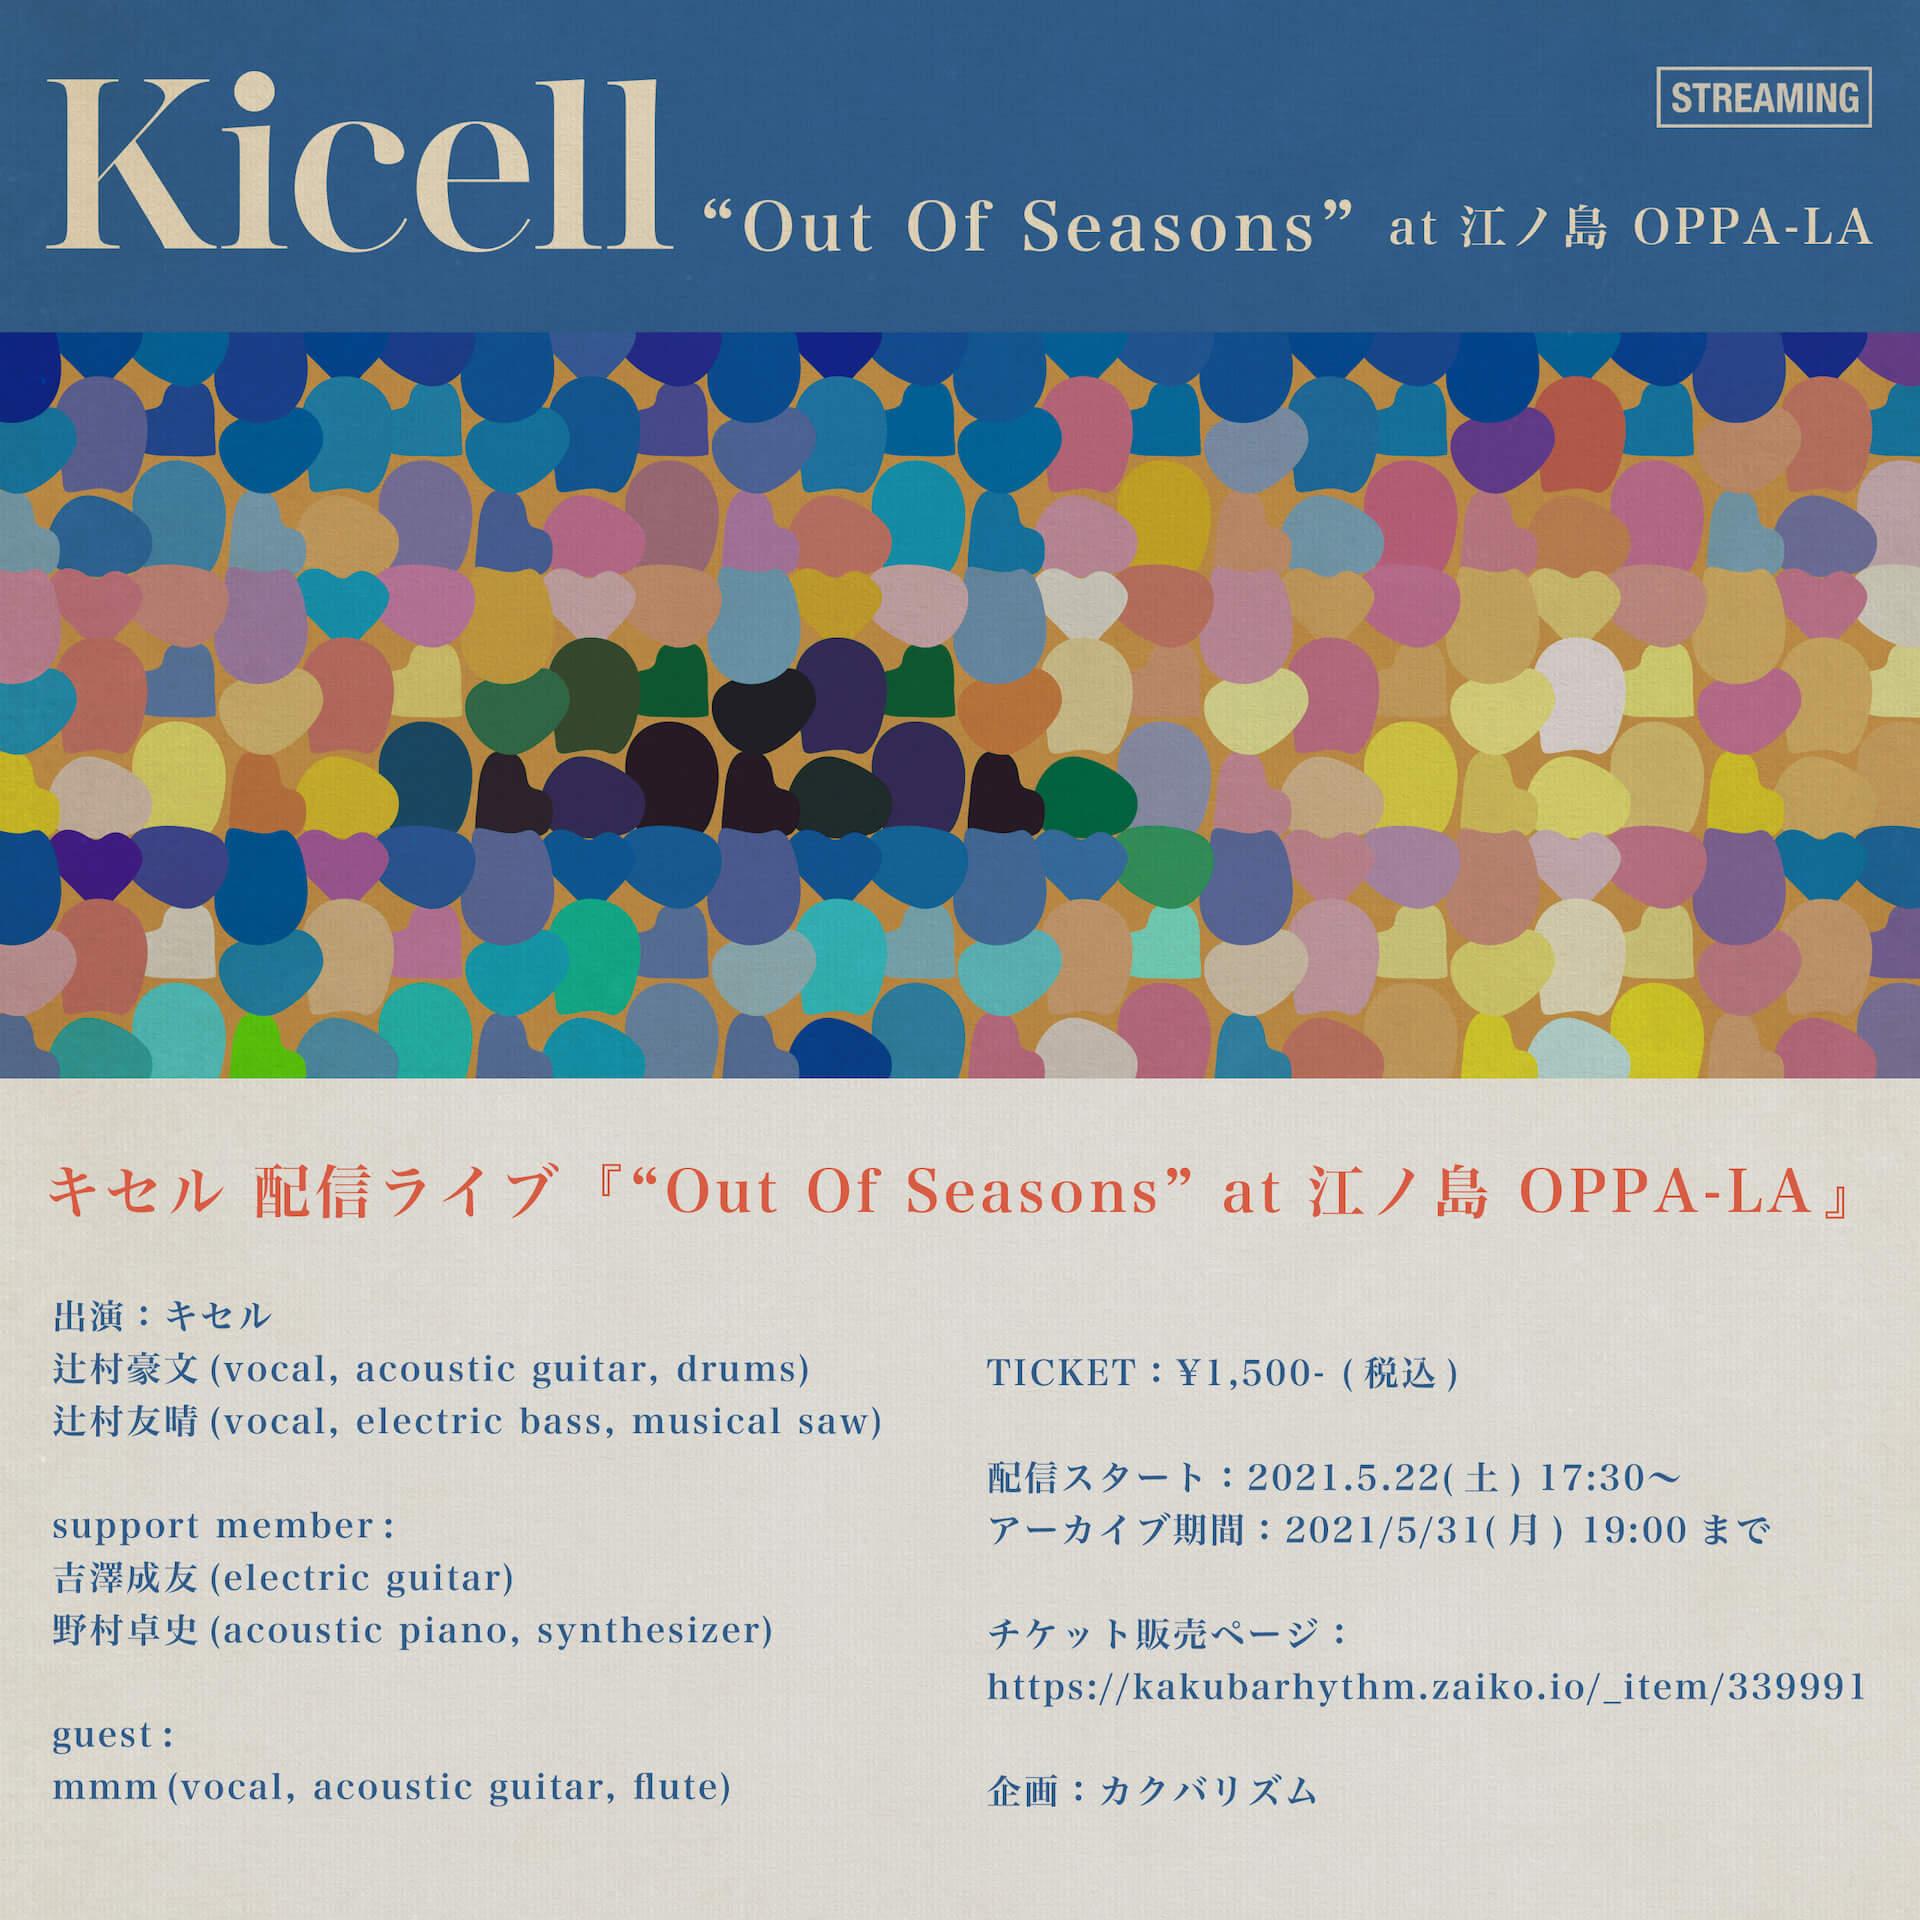 """キセルのワンマンライブ<""""Out Of Seasons"""" at 江ノ島 OPPA-LA>が配信決定!ビルボード公演と同編成バンドで実現 music210518_kicell-210518_2"""